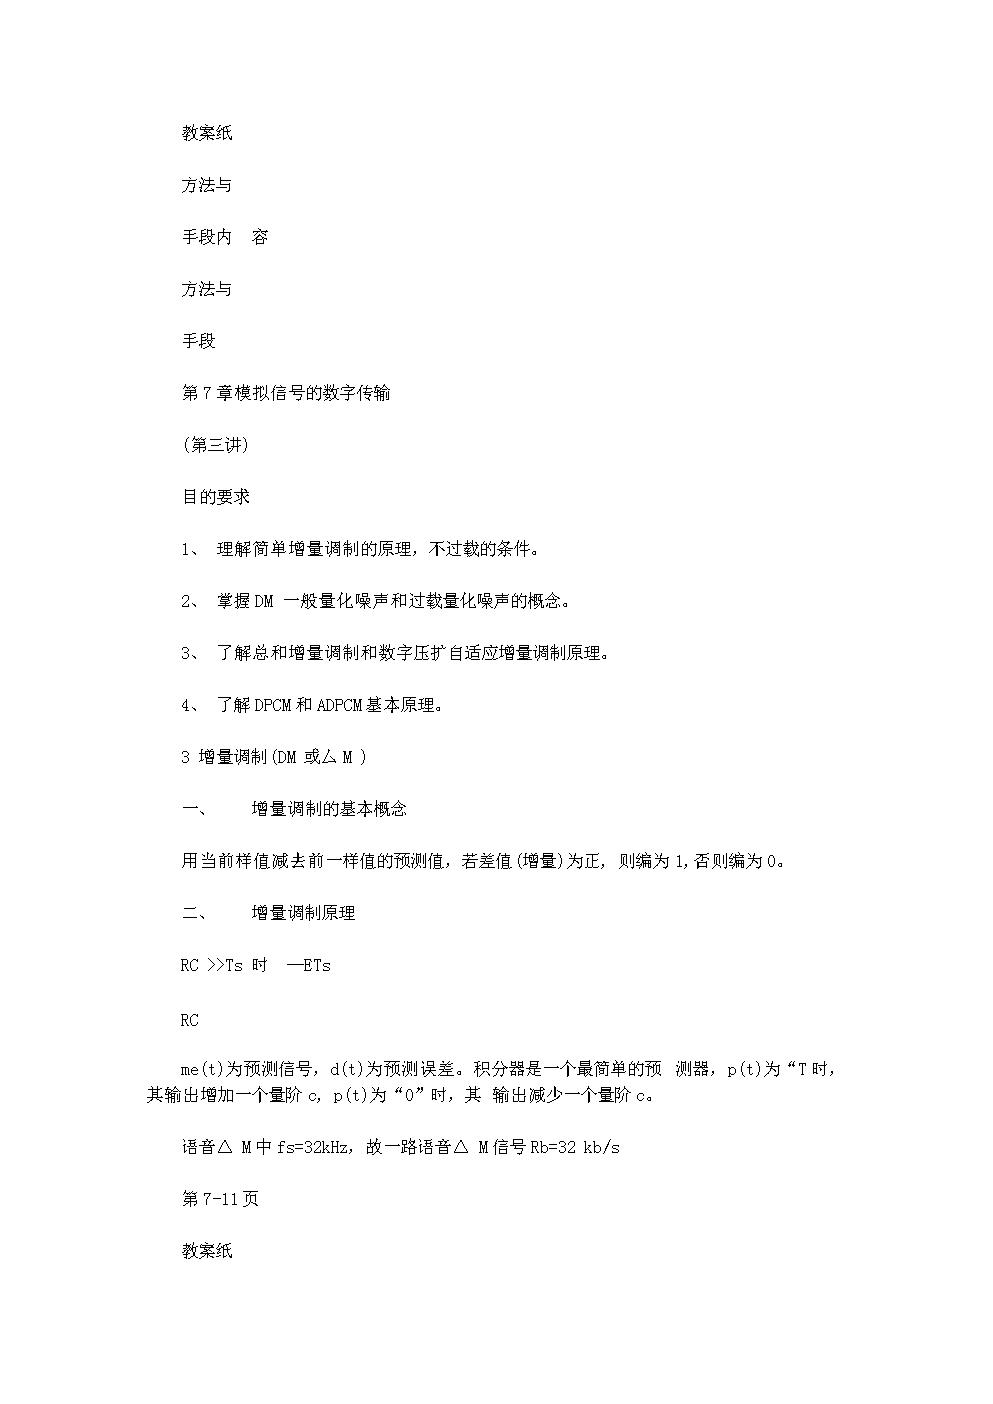 通信原理教案7-318整理版.doc